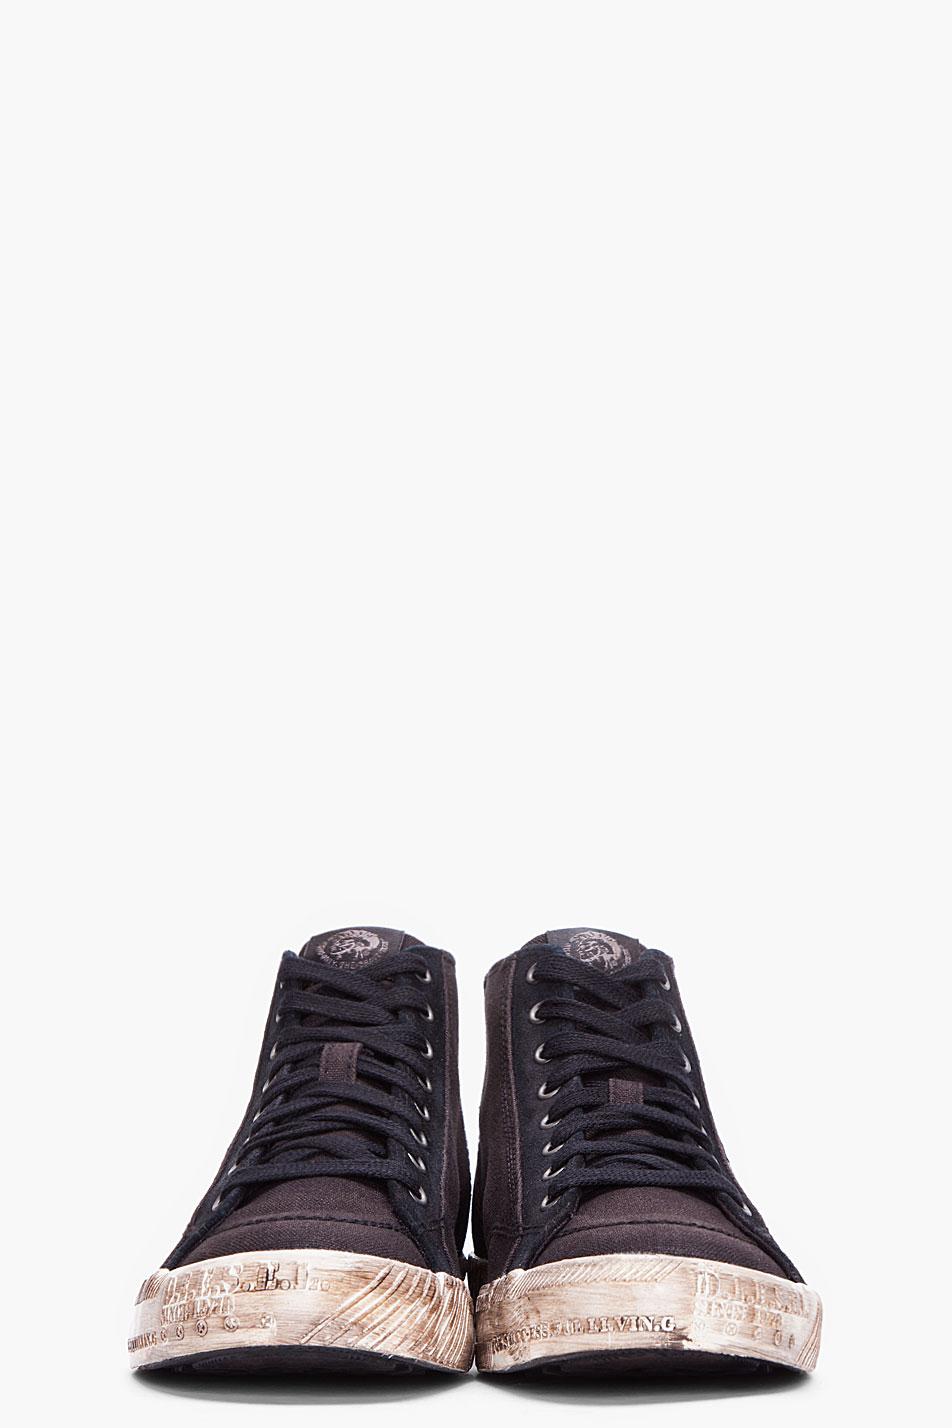 b9c5ee3d1ae0 Lyst - DIESEL Black D78 Midtop Sneakers in Black for Men